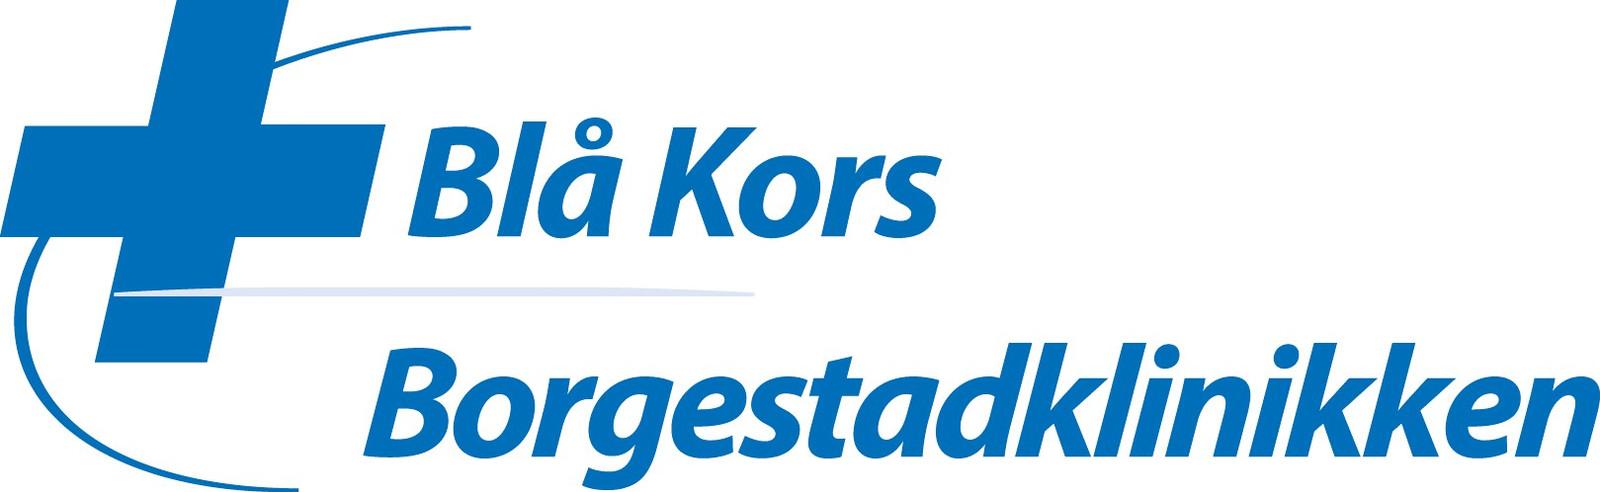 BORGESTADKLINIKKEN - BLÅ KORS SØR SA